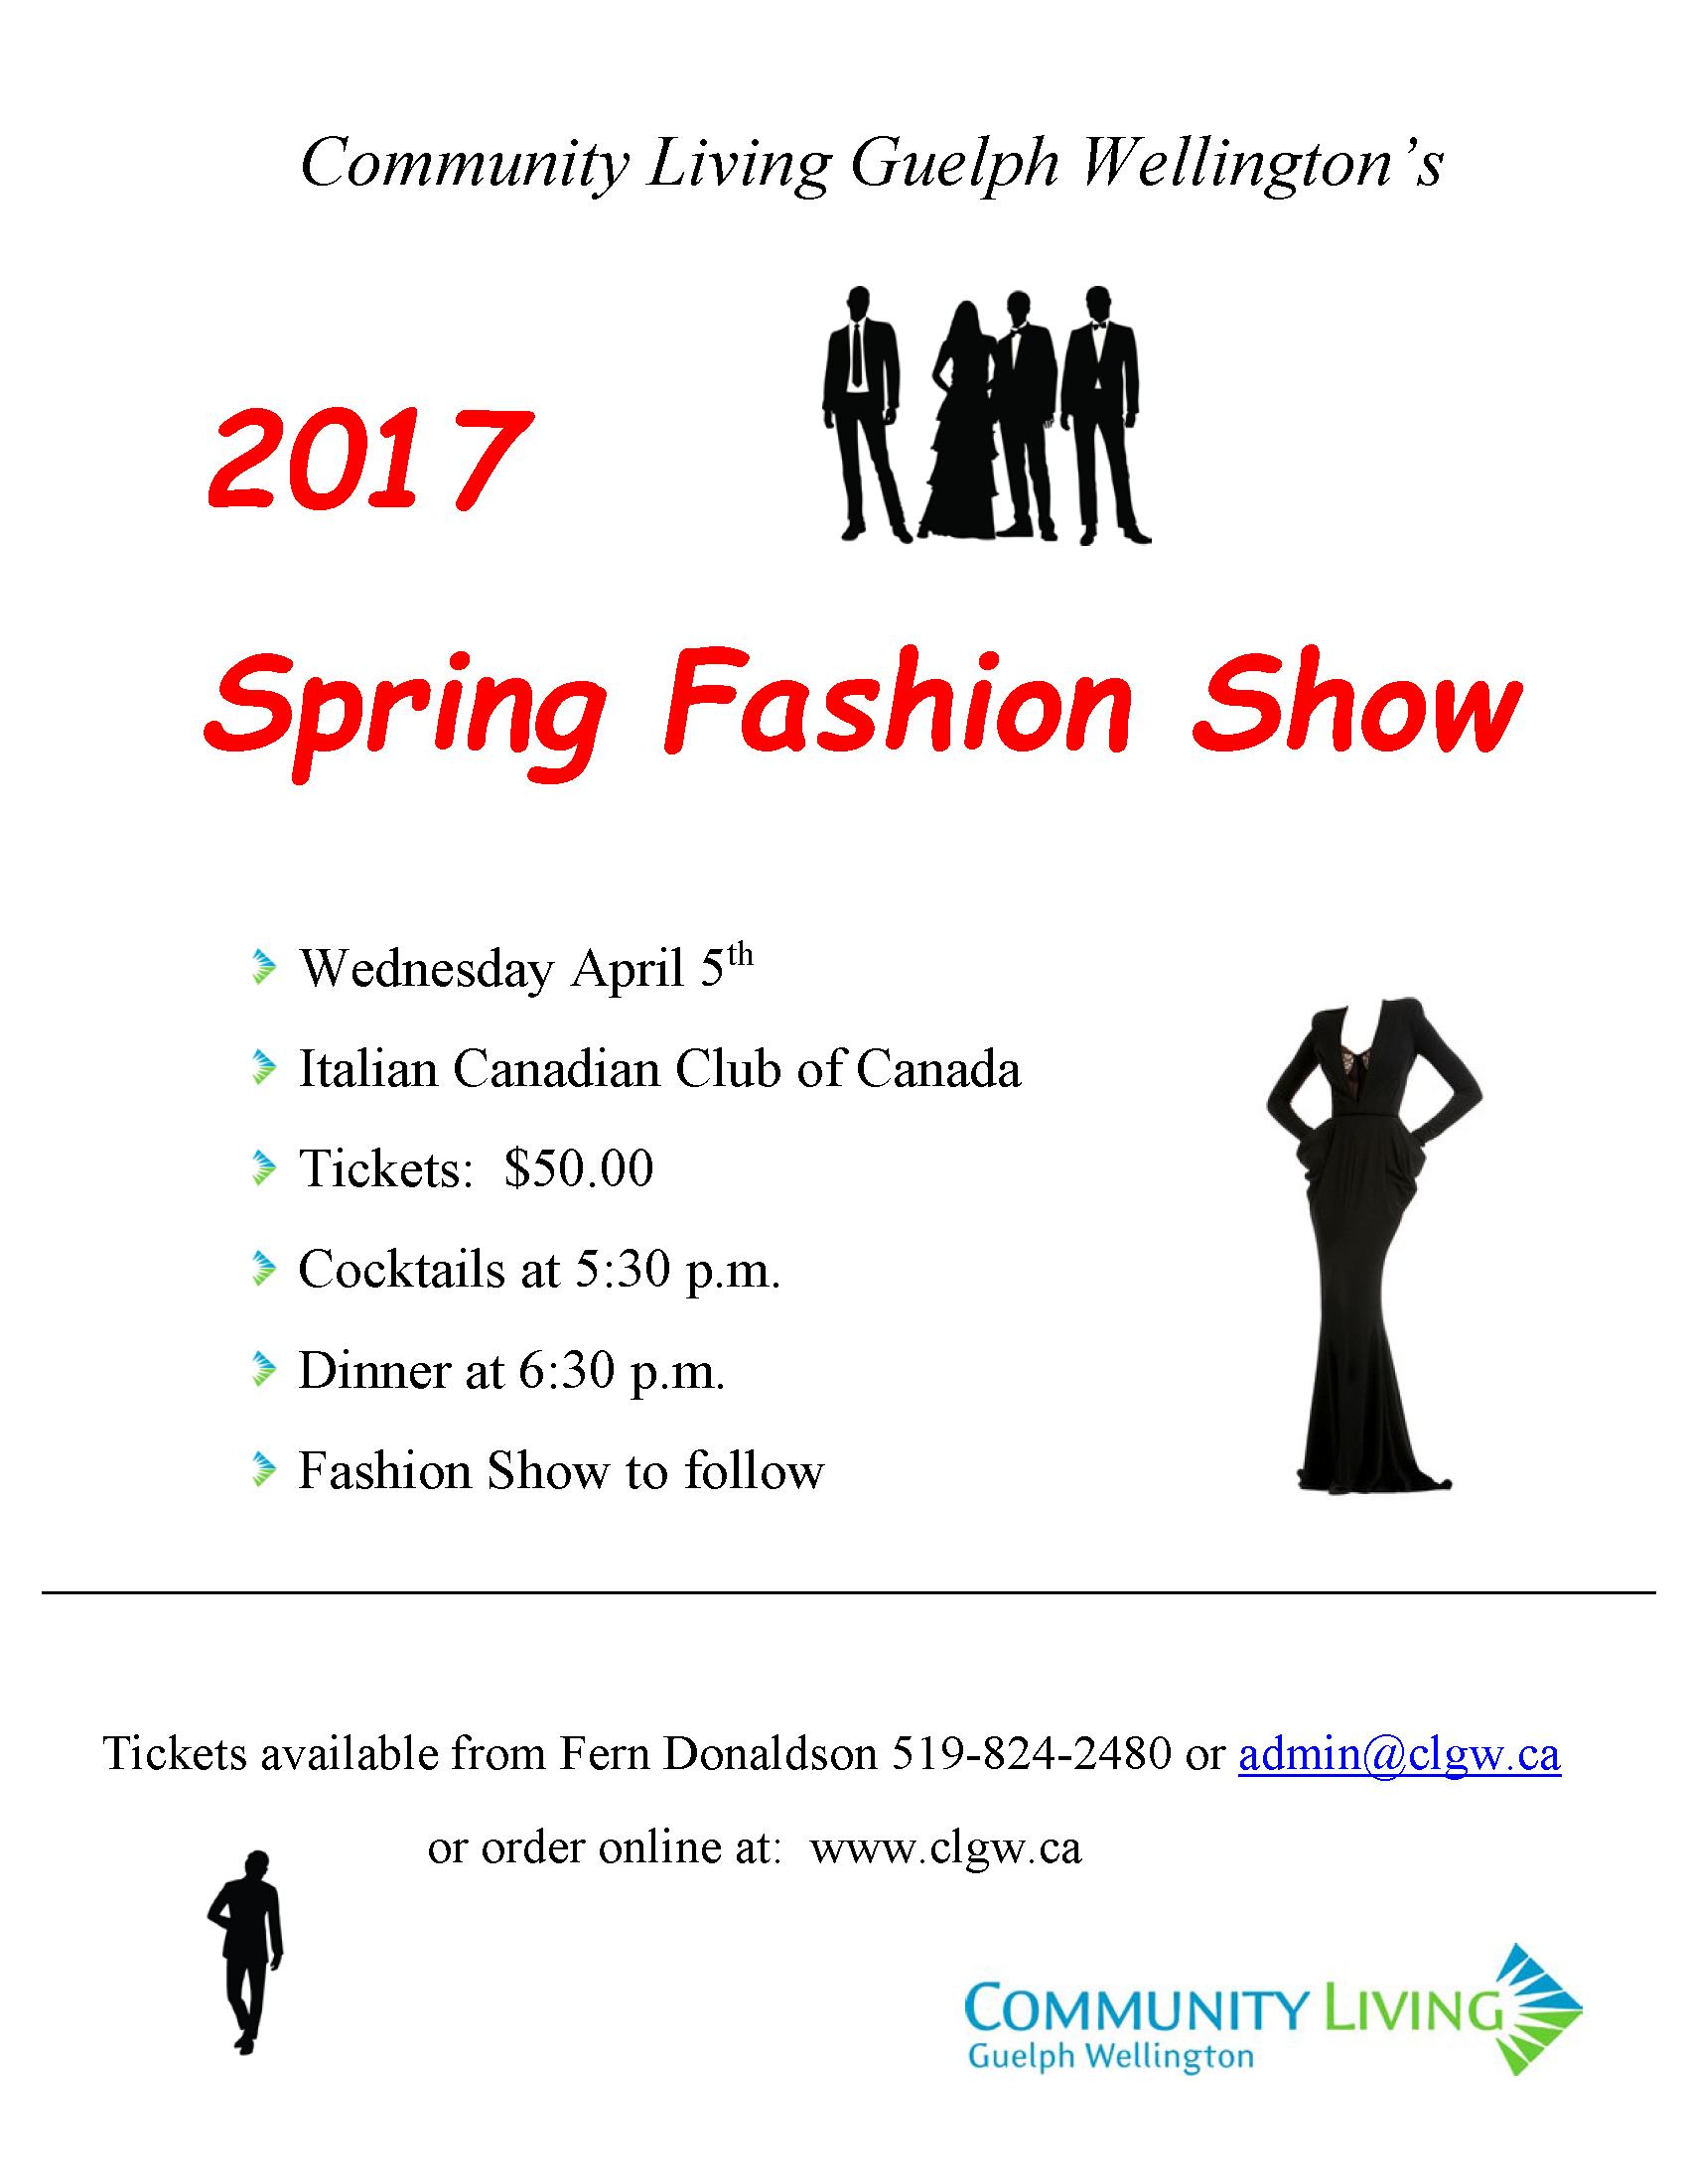 Fashion Show 2017 Flyer